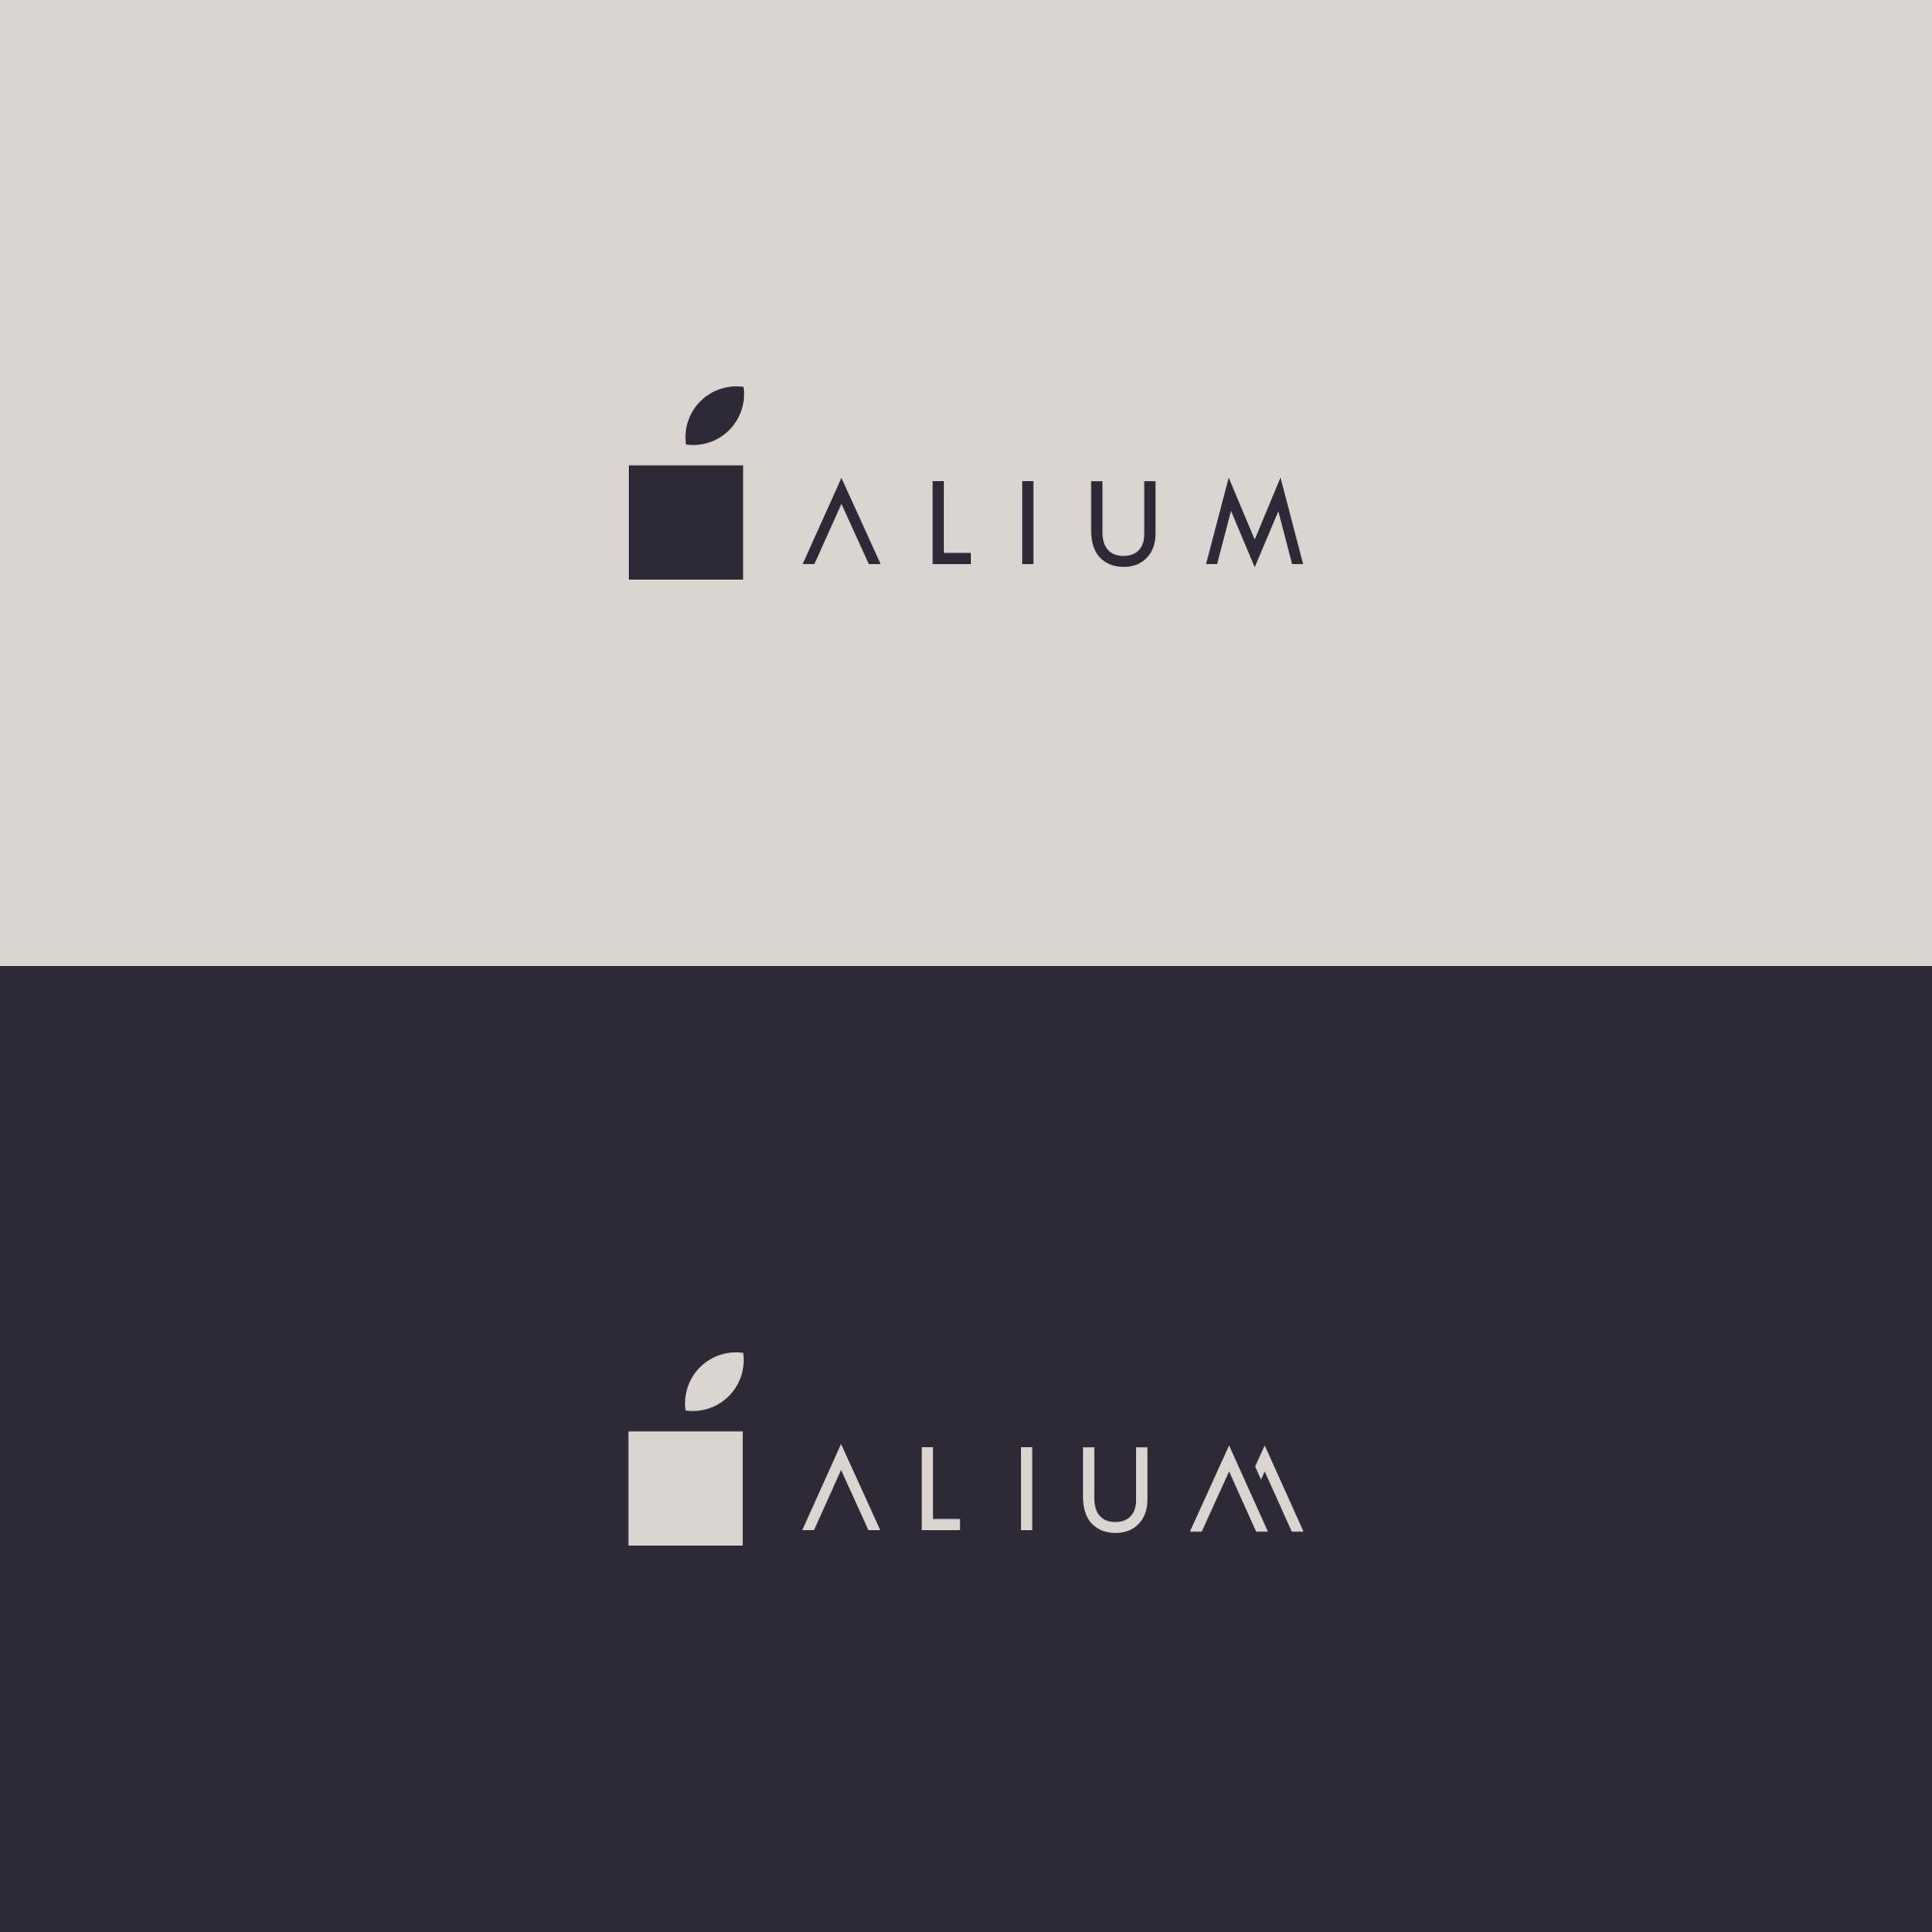 Логотип для дизайн студии фото f_39259e5161f1534e.png